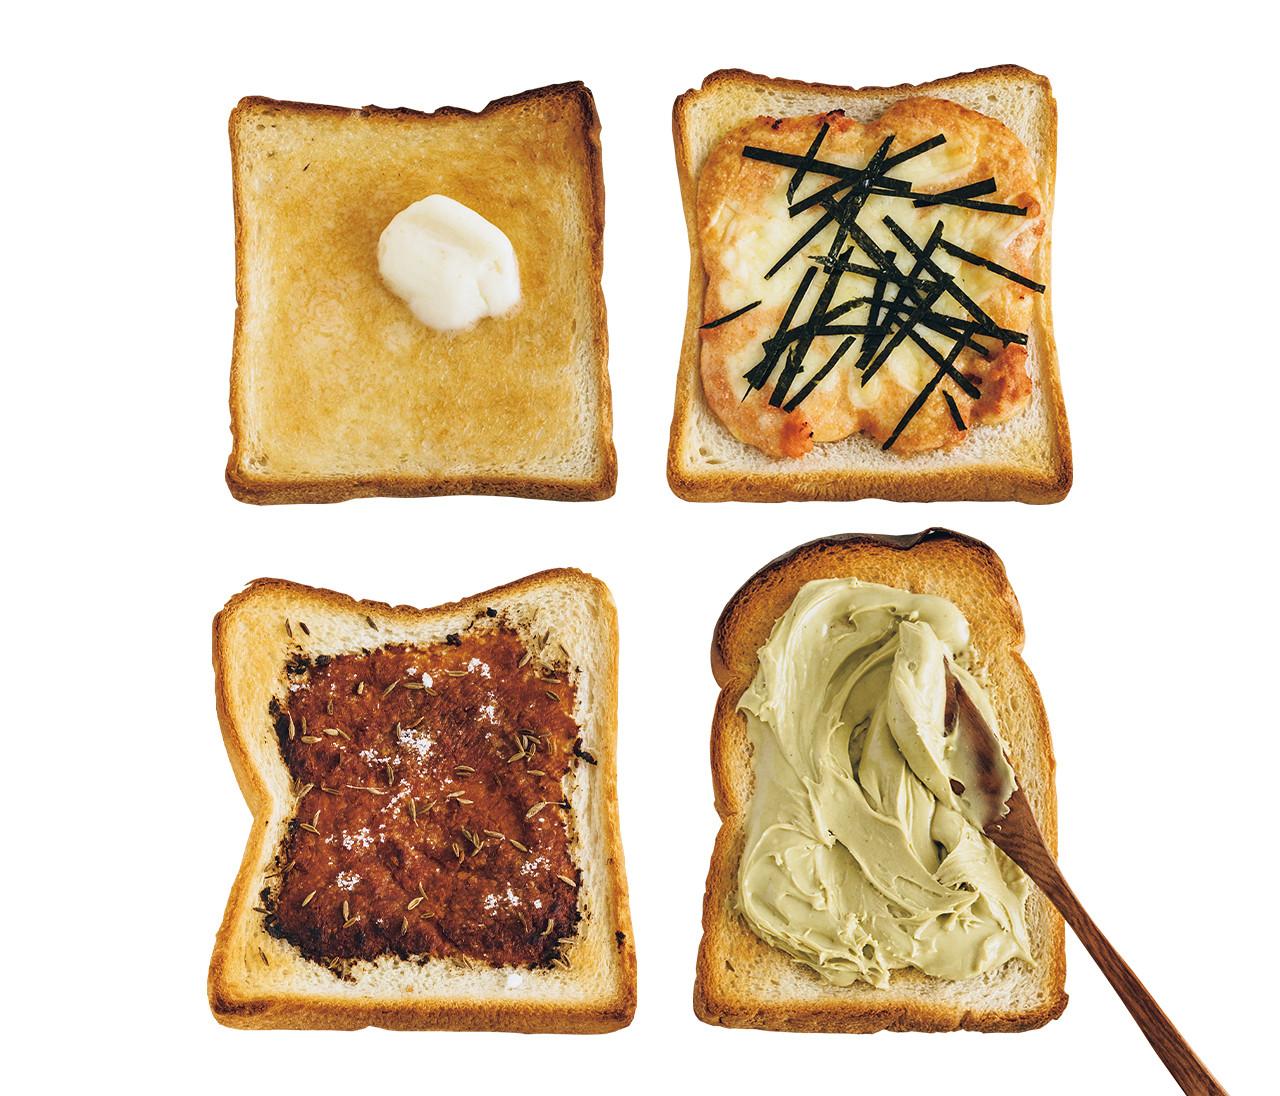 桐谷美玲さん、印度カリー子さん…パンラバーの食パンアレンジ【あの人が、パンにのせているもの3】